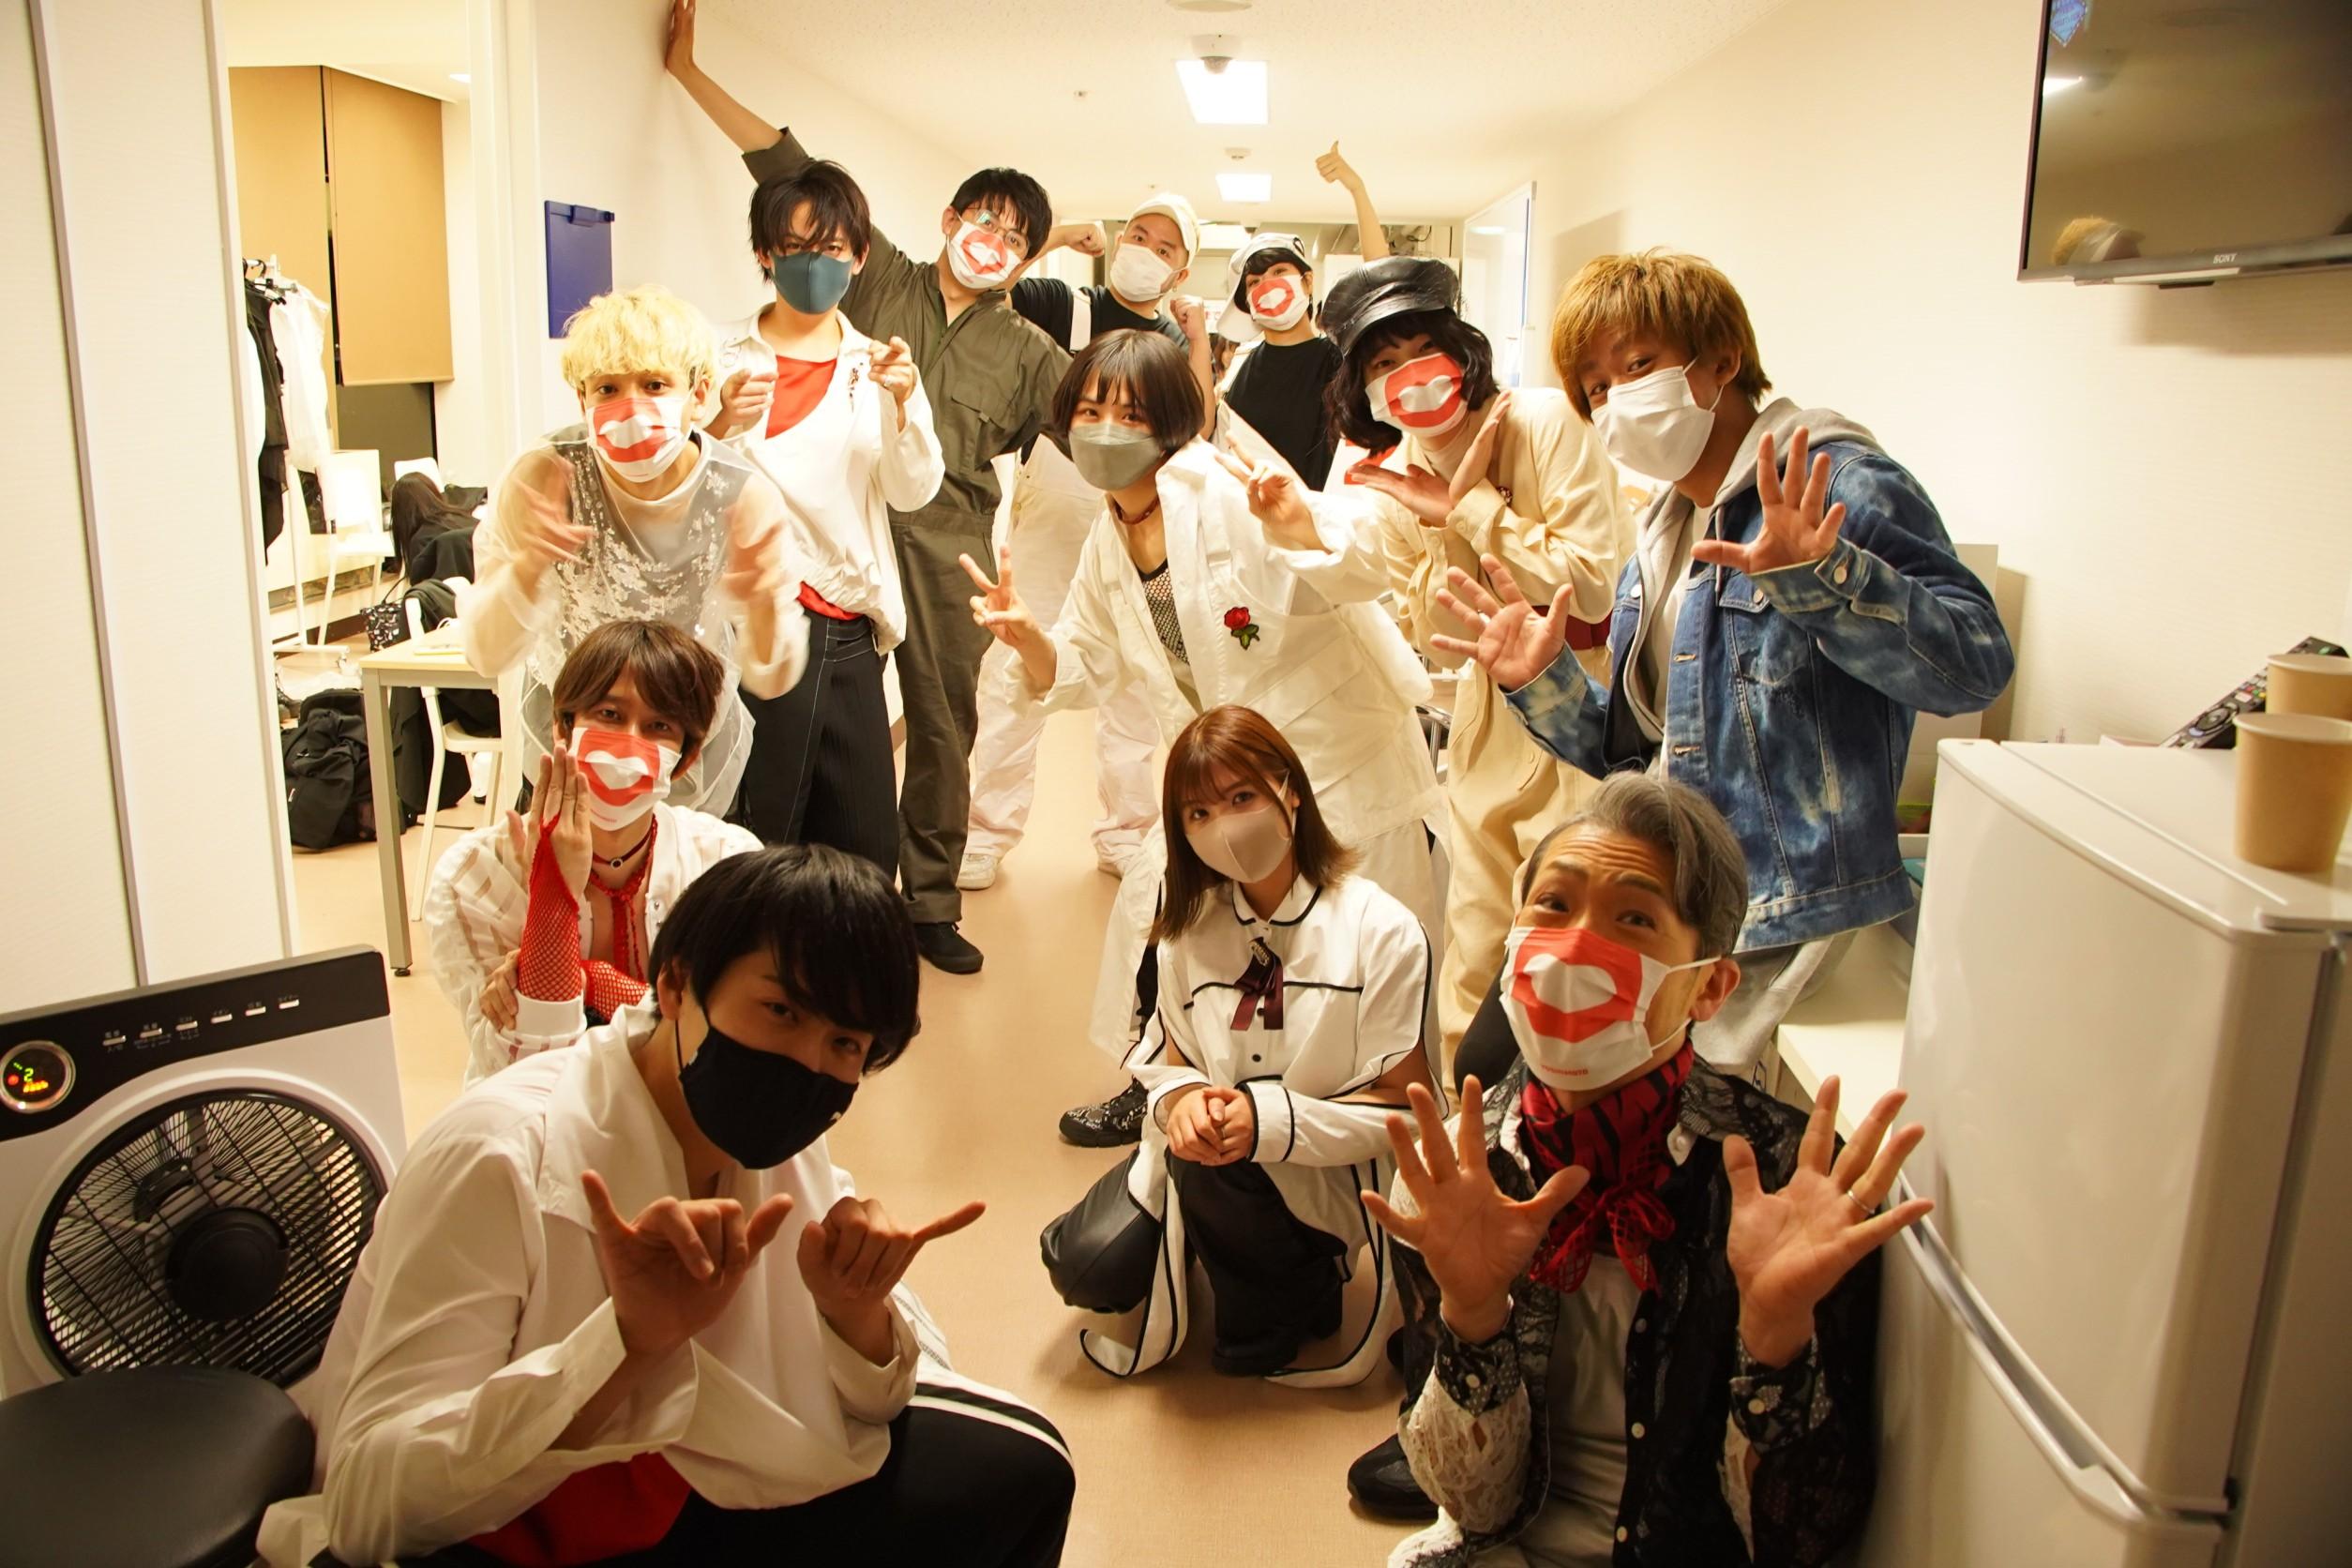 #吉本坂46HideboH公演